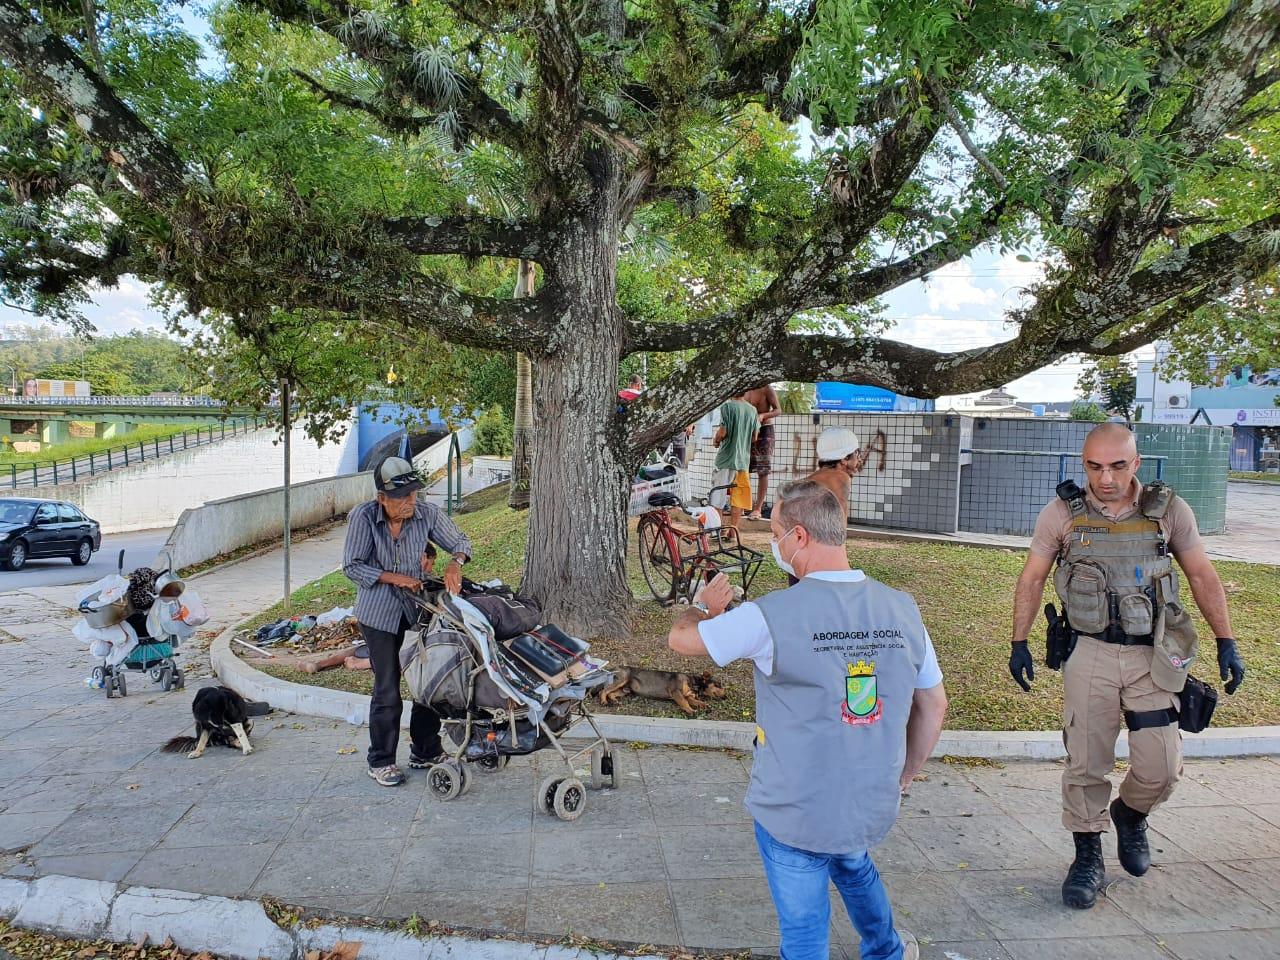 Corona Vírus: Com atendimento 24 horas, Secretaria de Assistência Social acolhe cerca de 40 pessoas em situação de rua no albergue